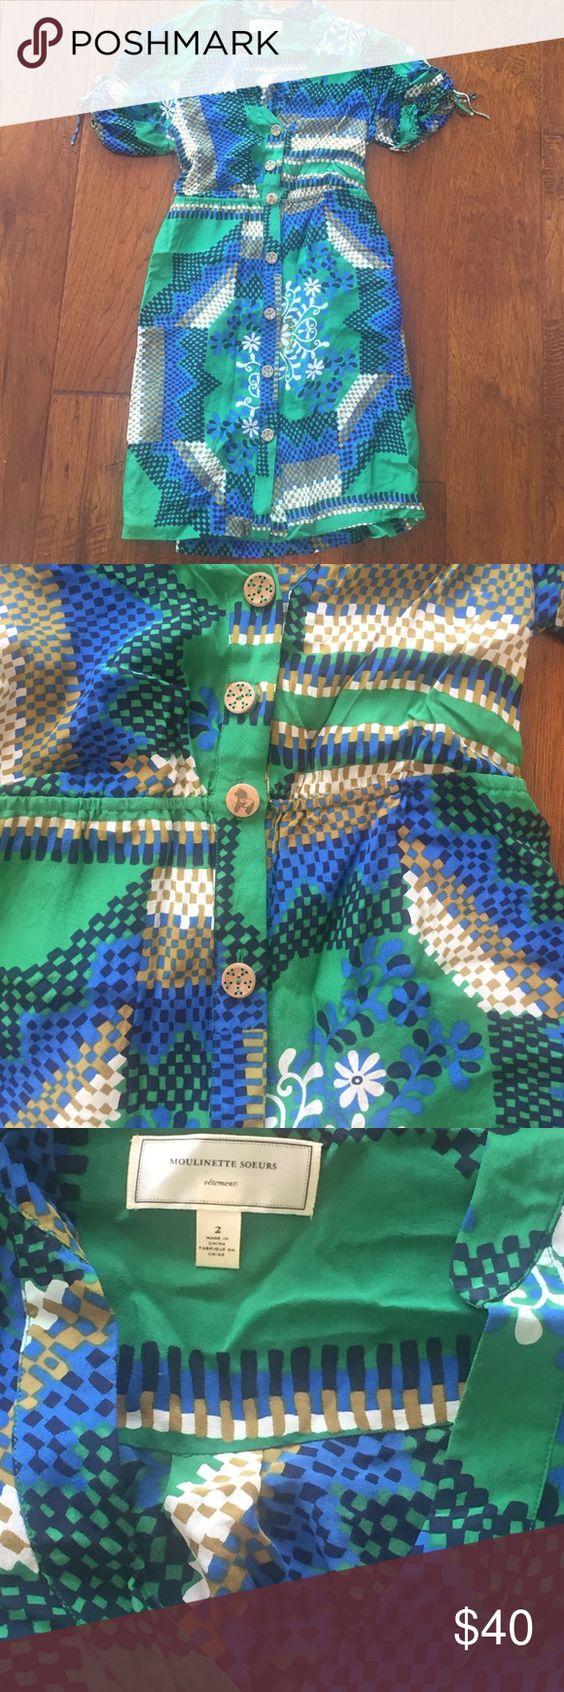 Anthropologie Moulinette Soeurs dress size 2. EUC Anthropologie Moulinette Soeurs dress size 2. EUC Anthropologie Dresses